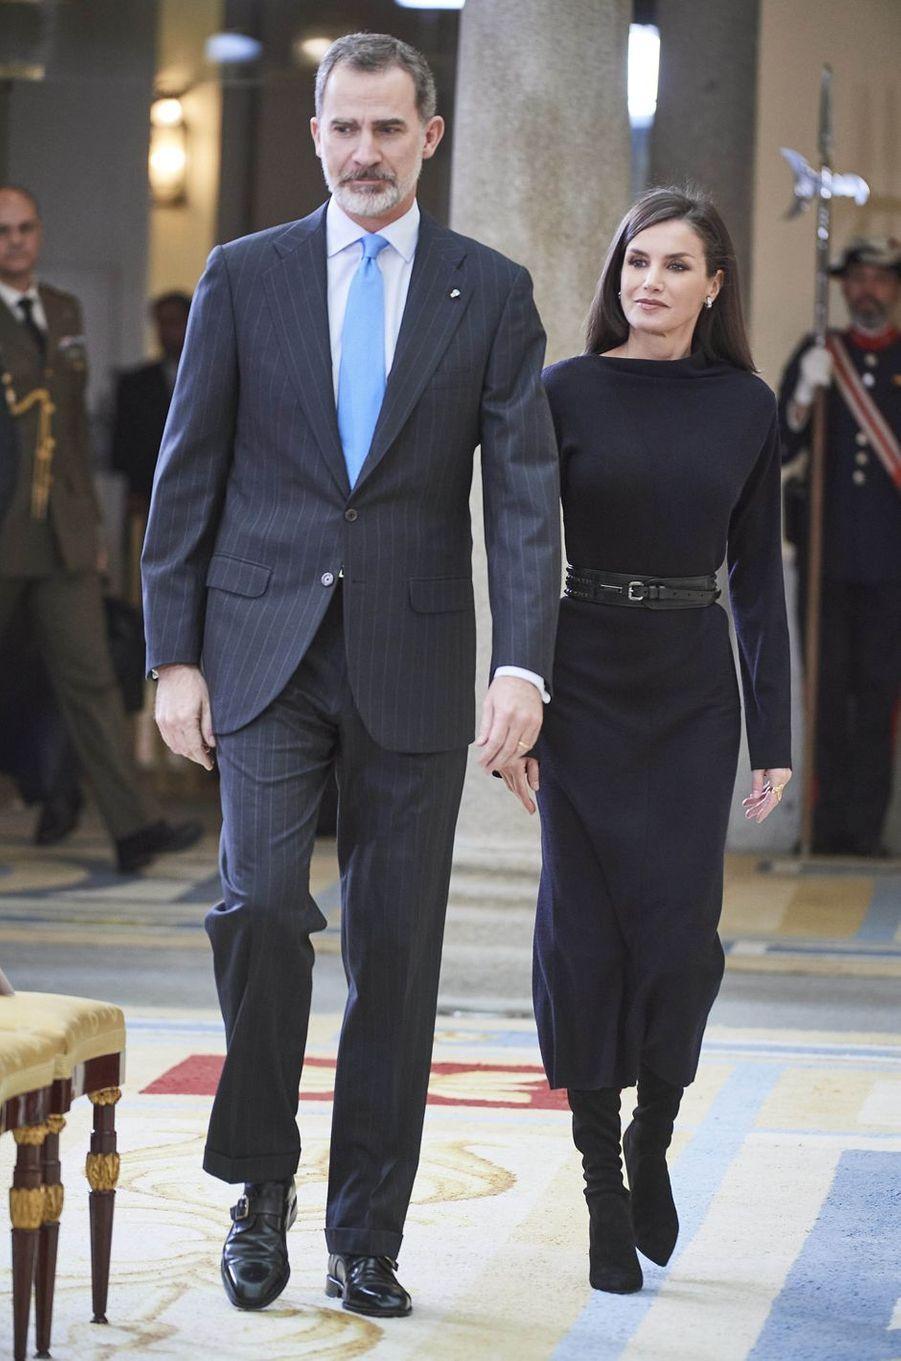 Le roi Felipe VI et la reine Letizia d'Espagne à Madrid, le 17 février 2020